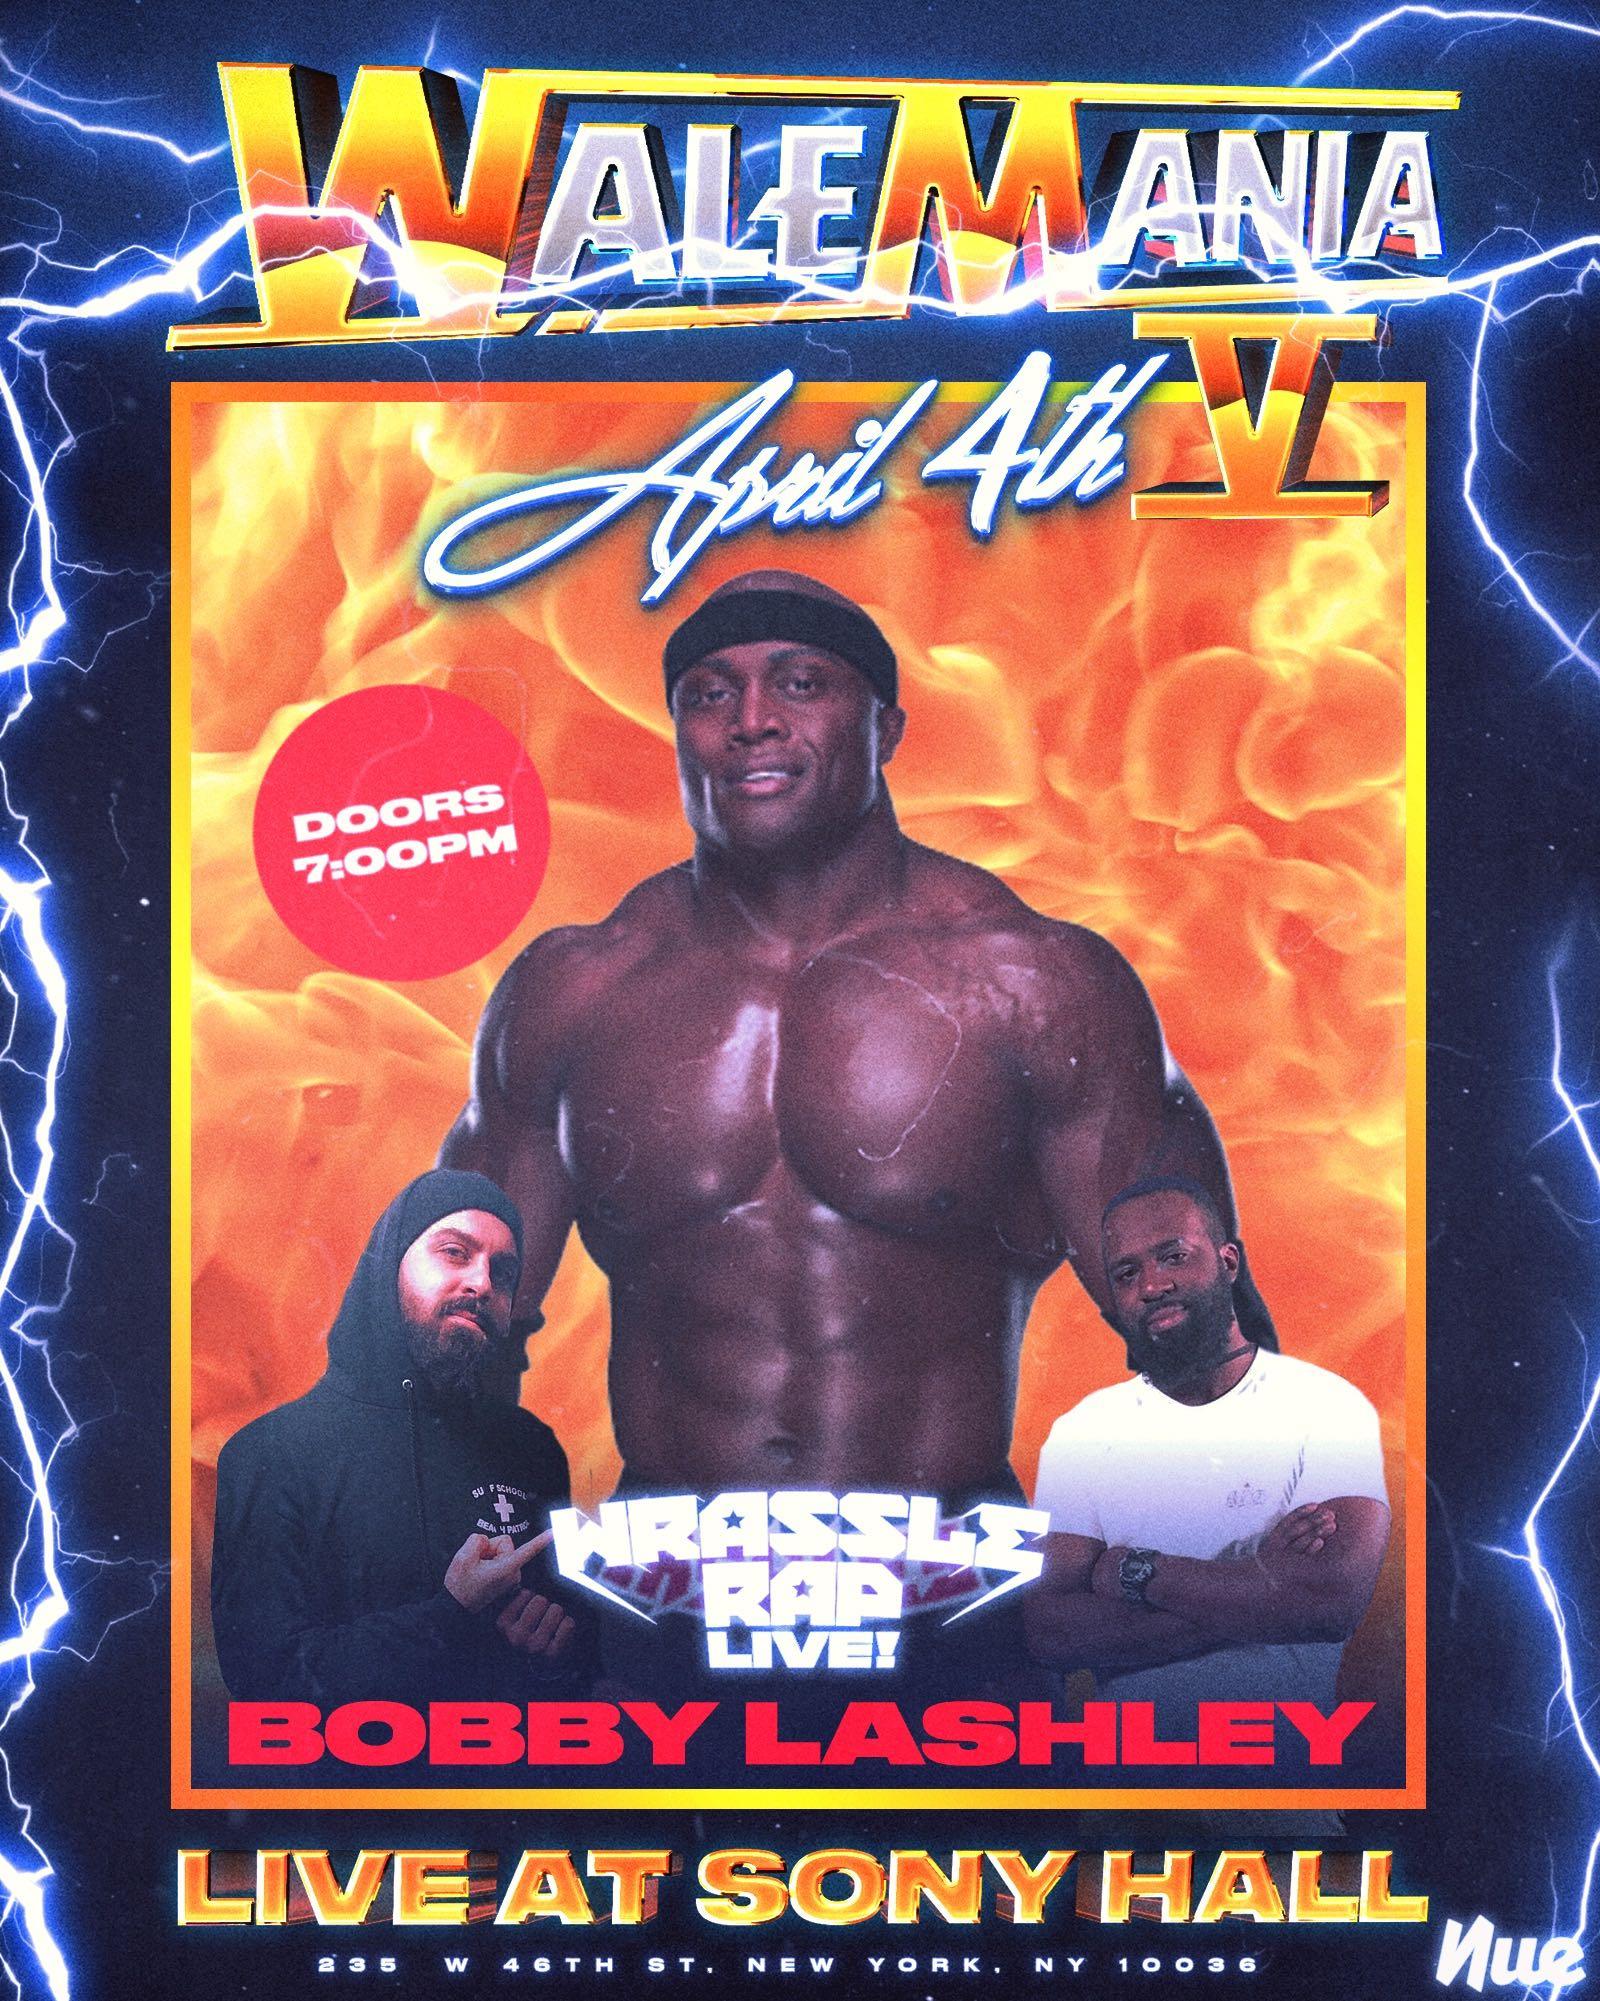 bobby-lashley-3112019-ebm-ftr